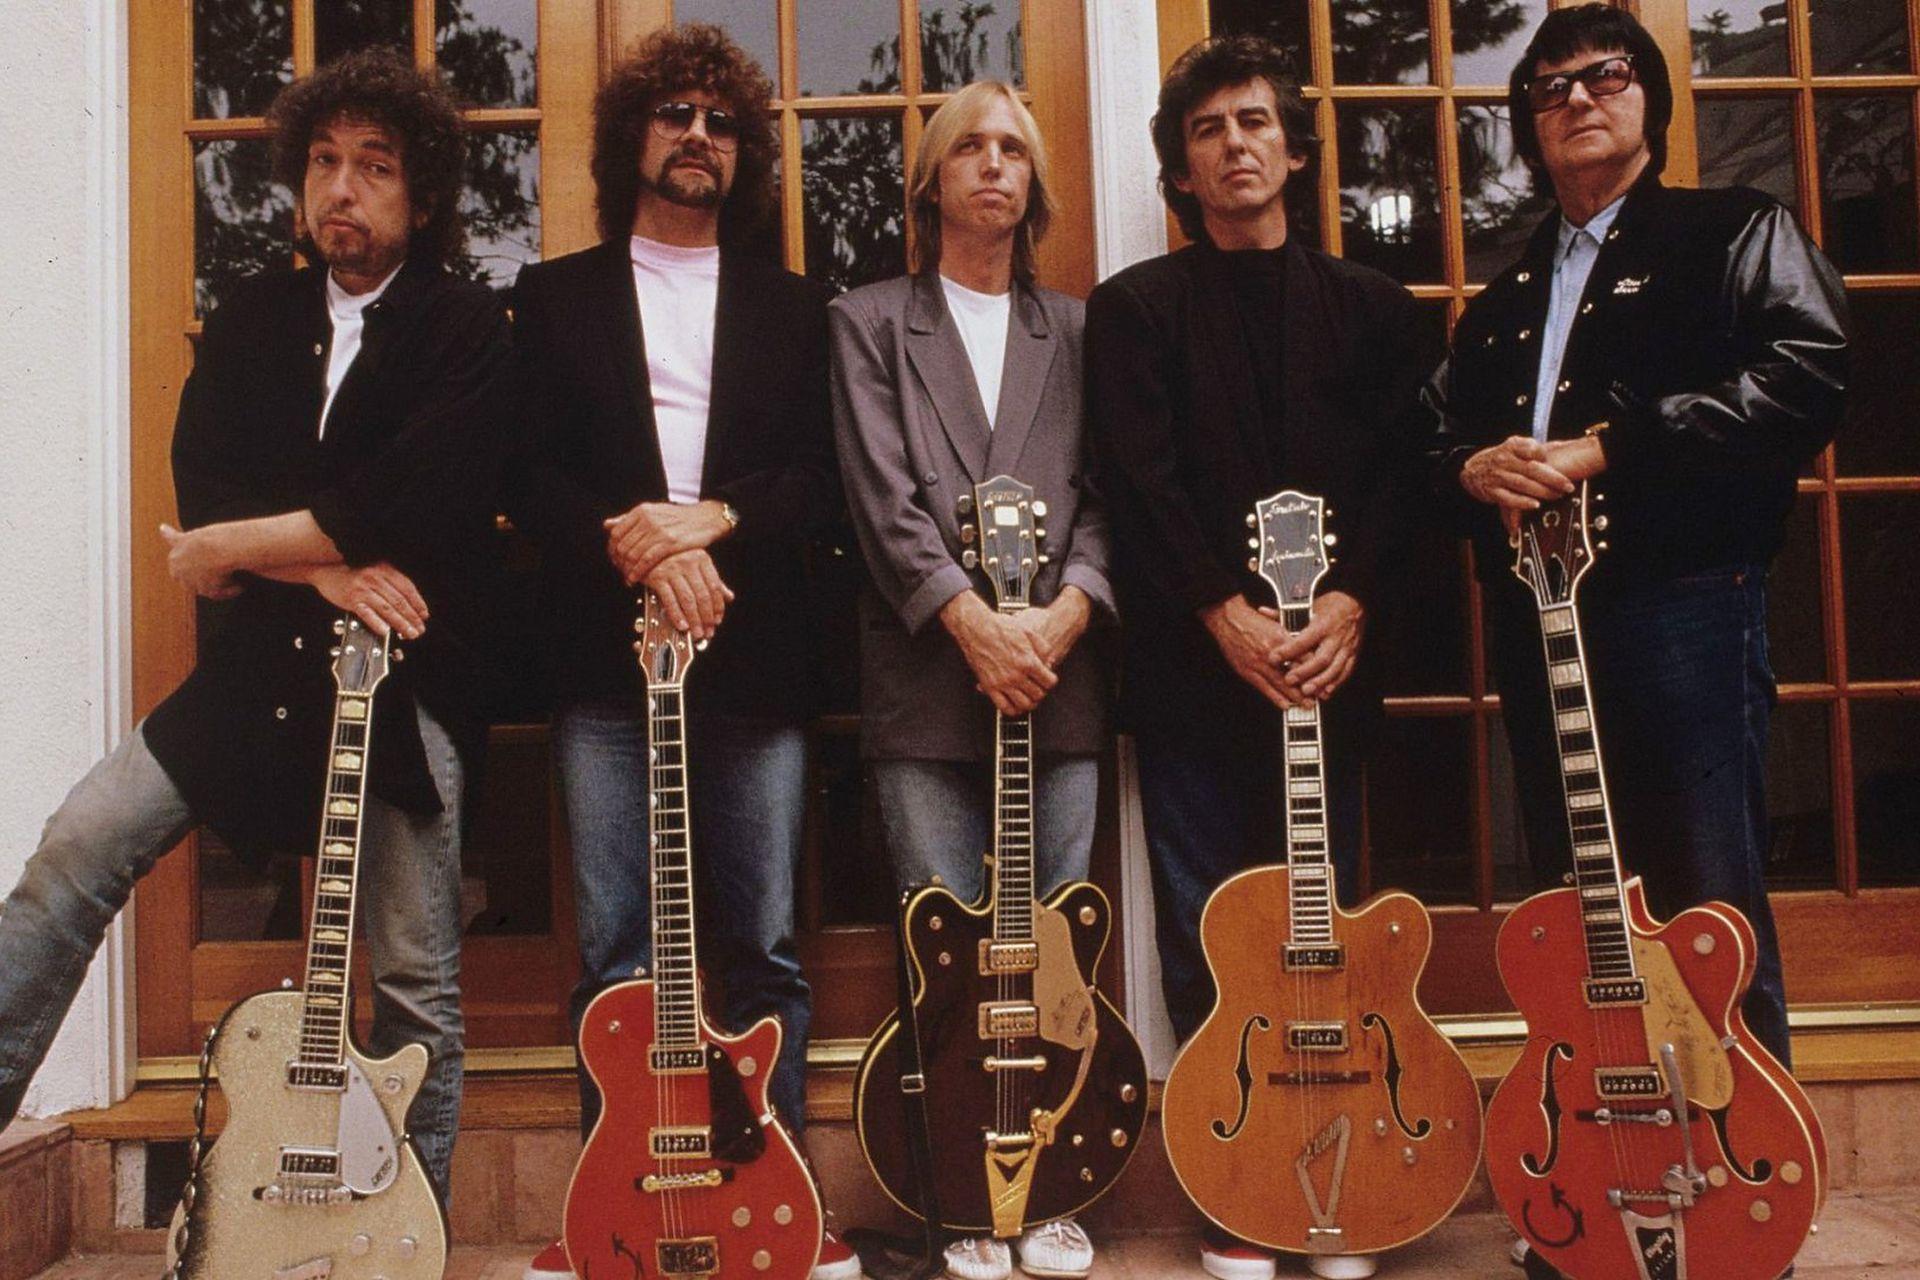 Traveling Wilburys el 8 de mayo de 1988: Bob Dylan, Jeff Lynne, Tom Petty, George Harrison y Roy Orbison